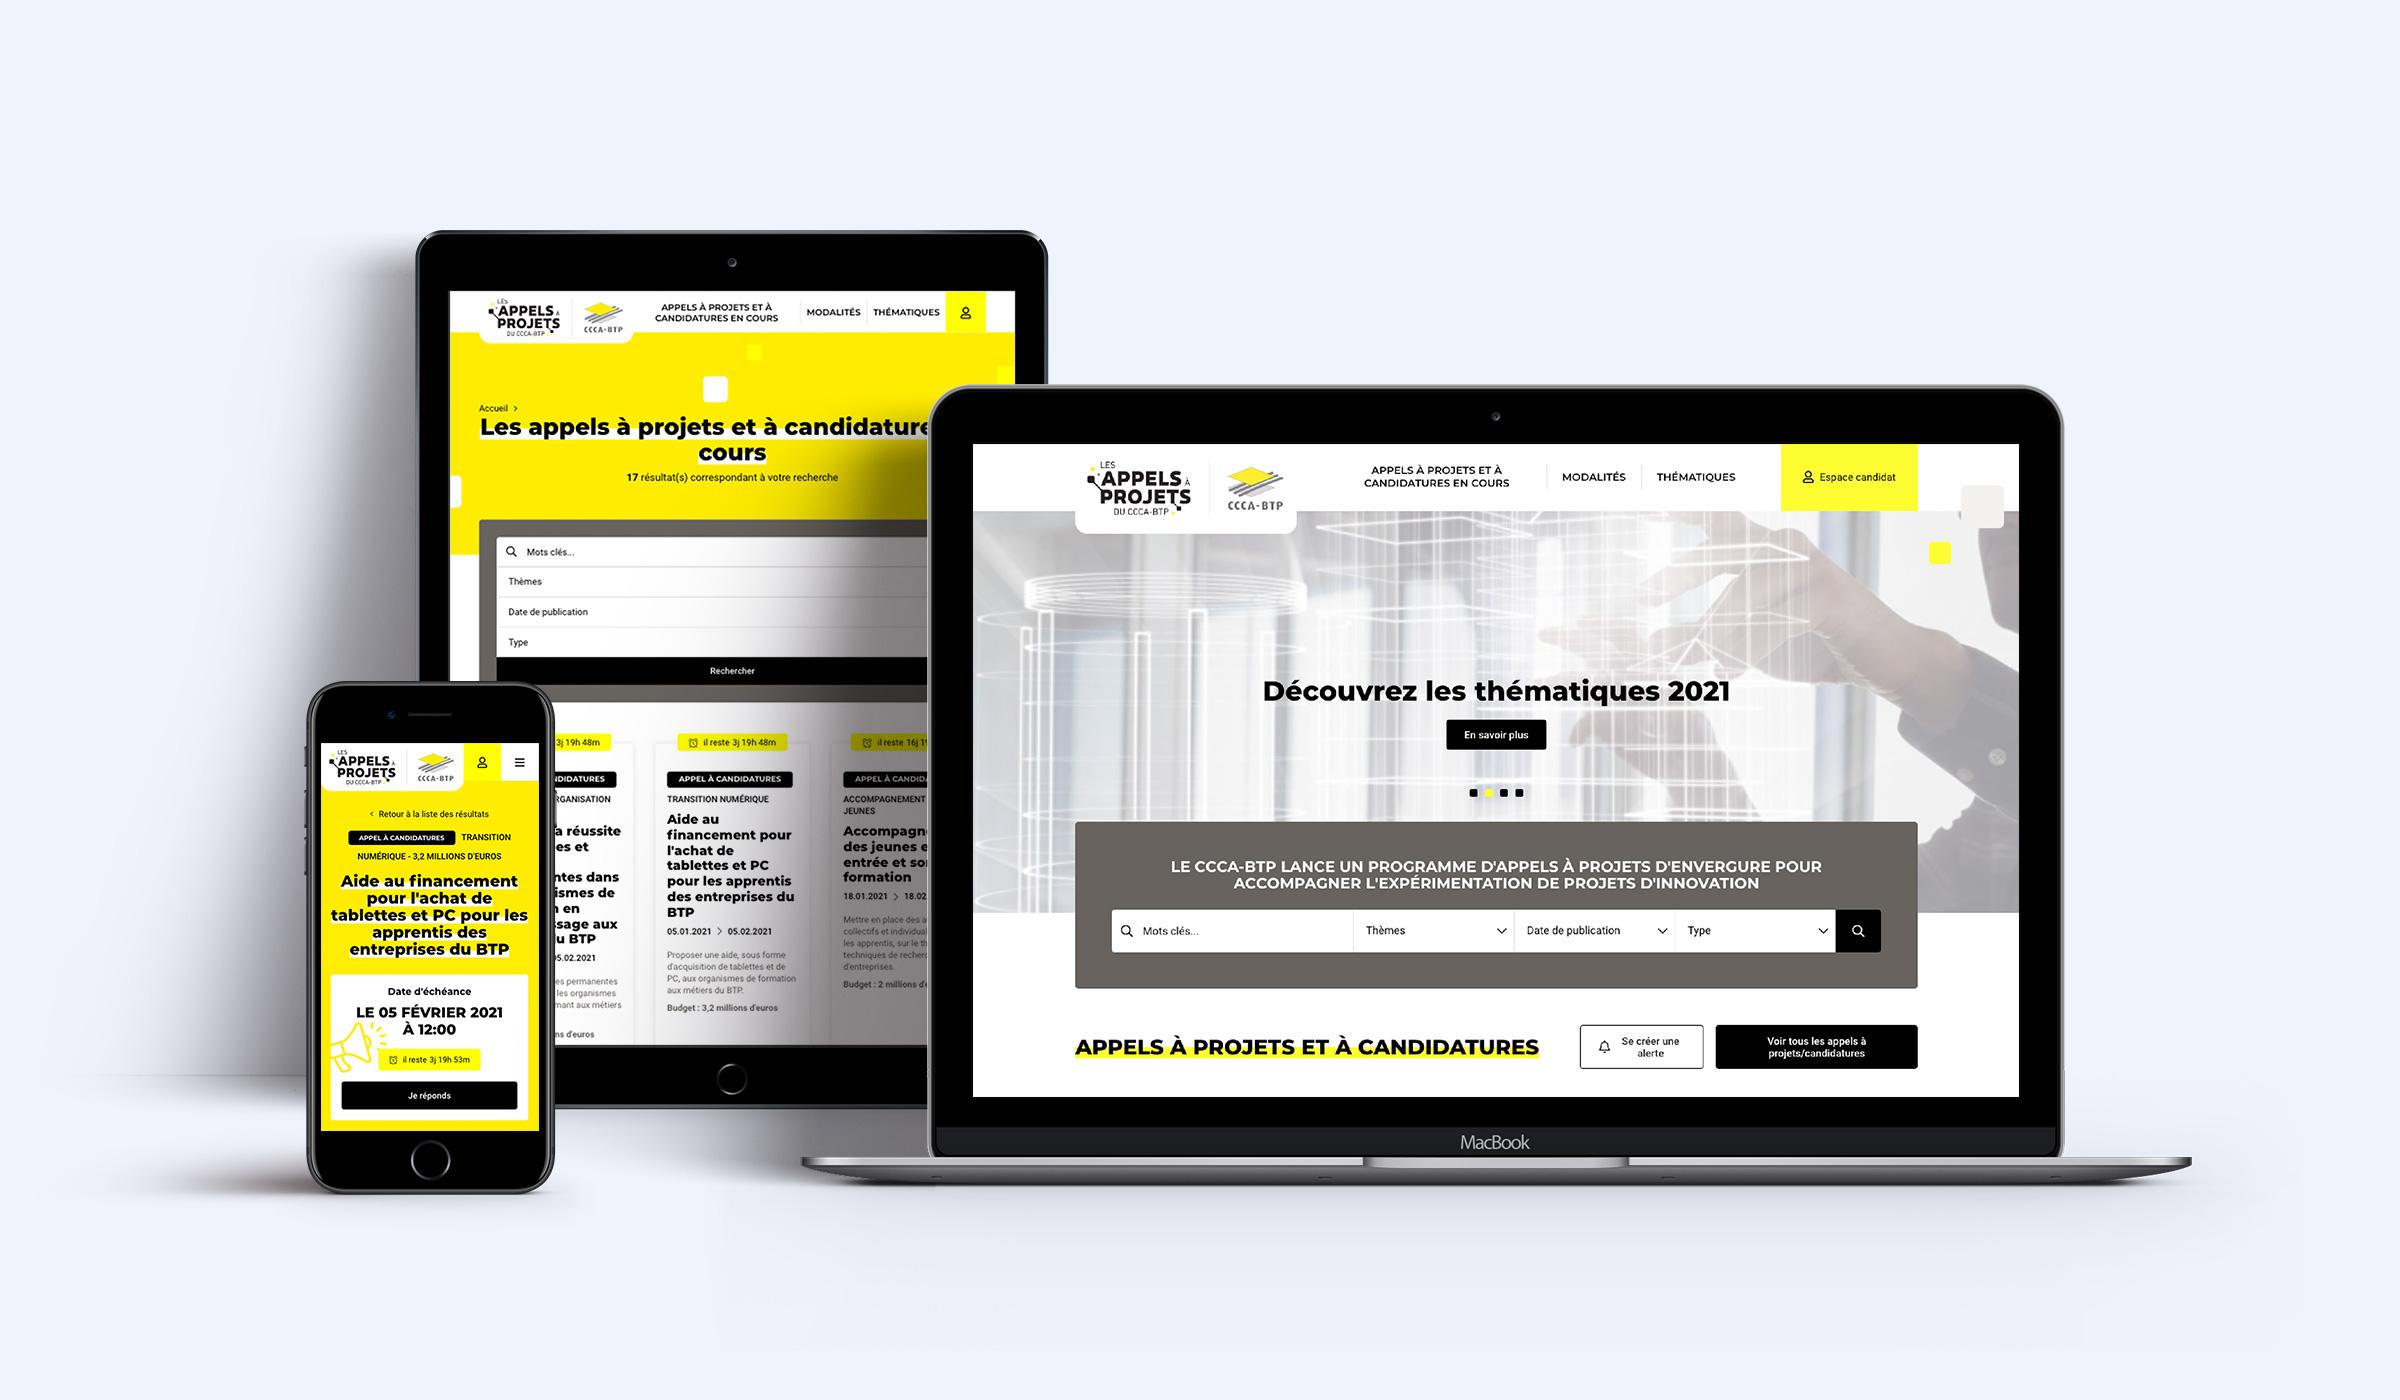 visuel du site appels à projets